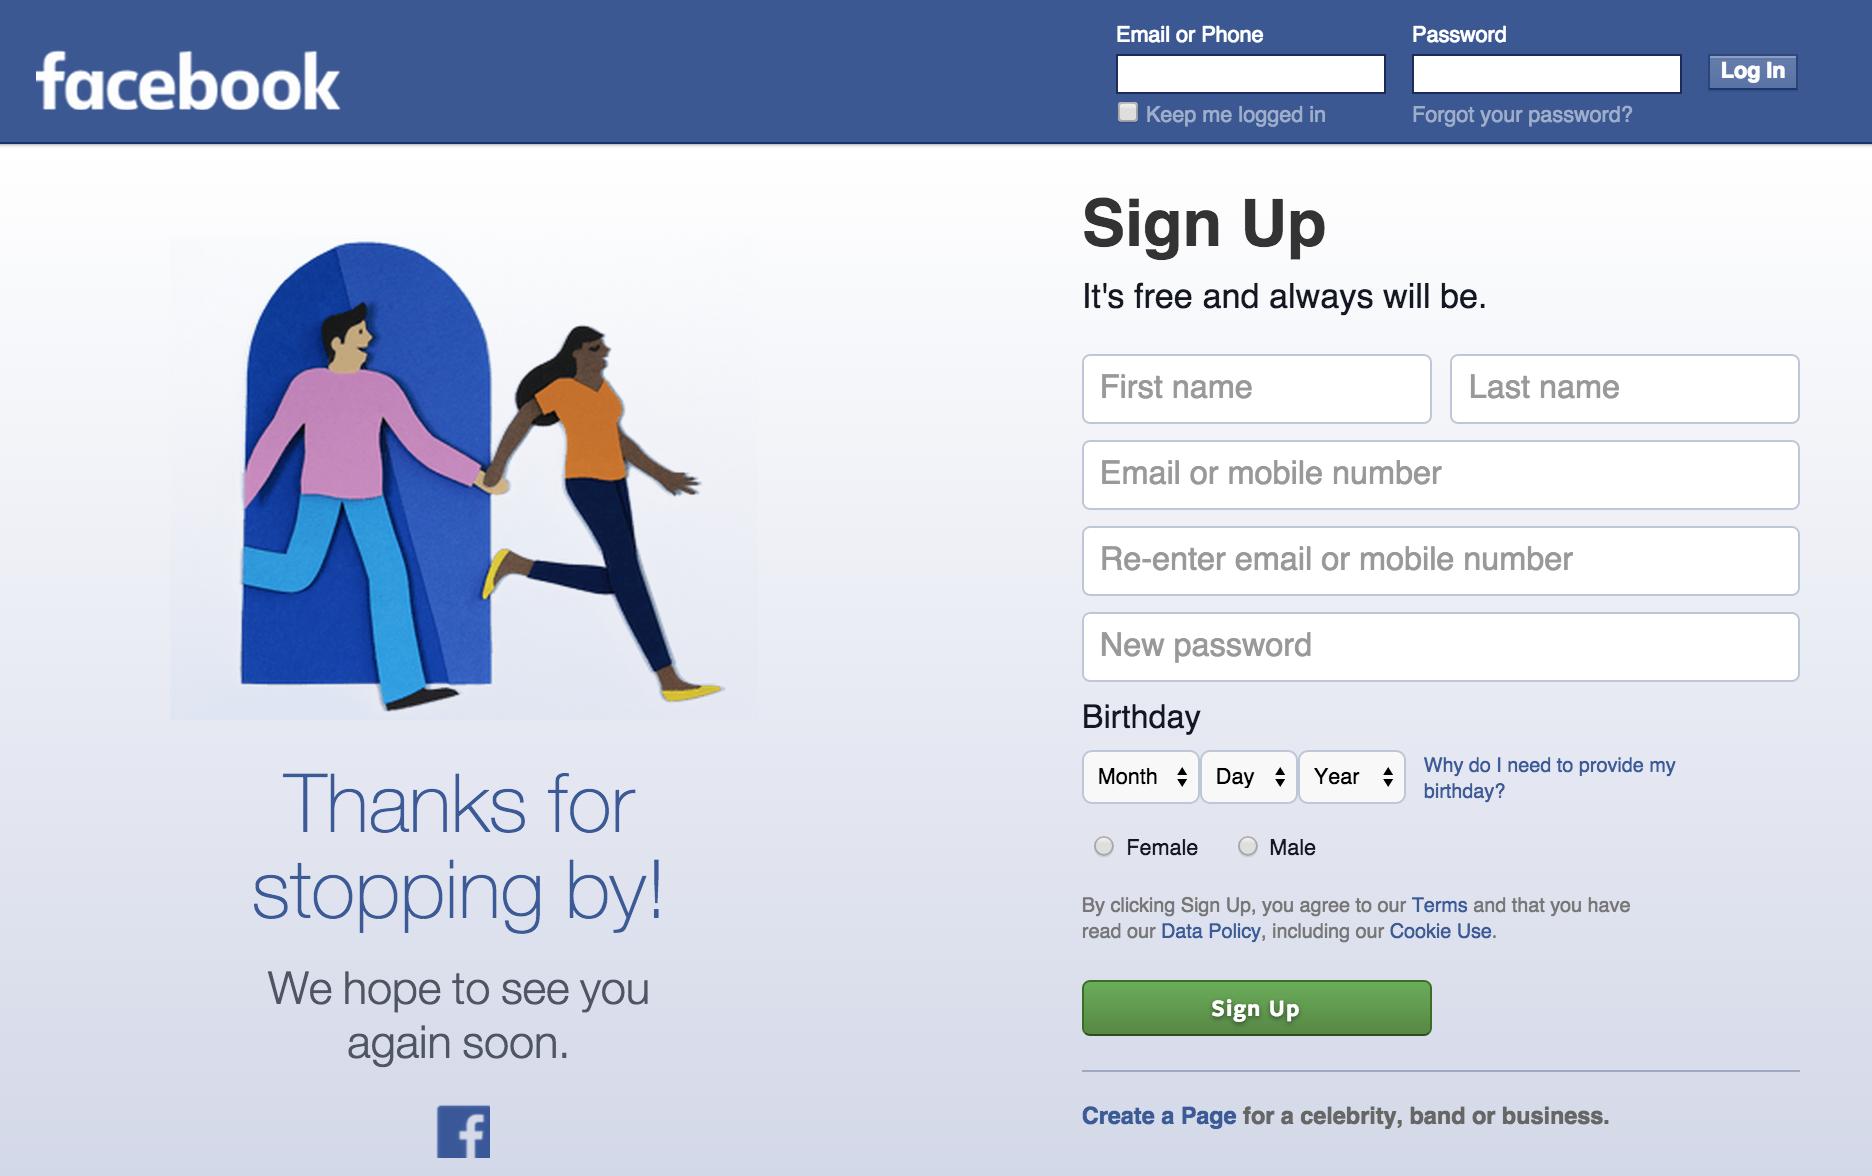 facebook log off